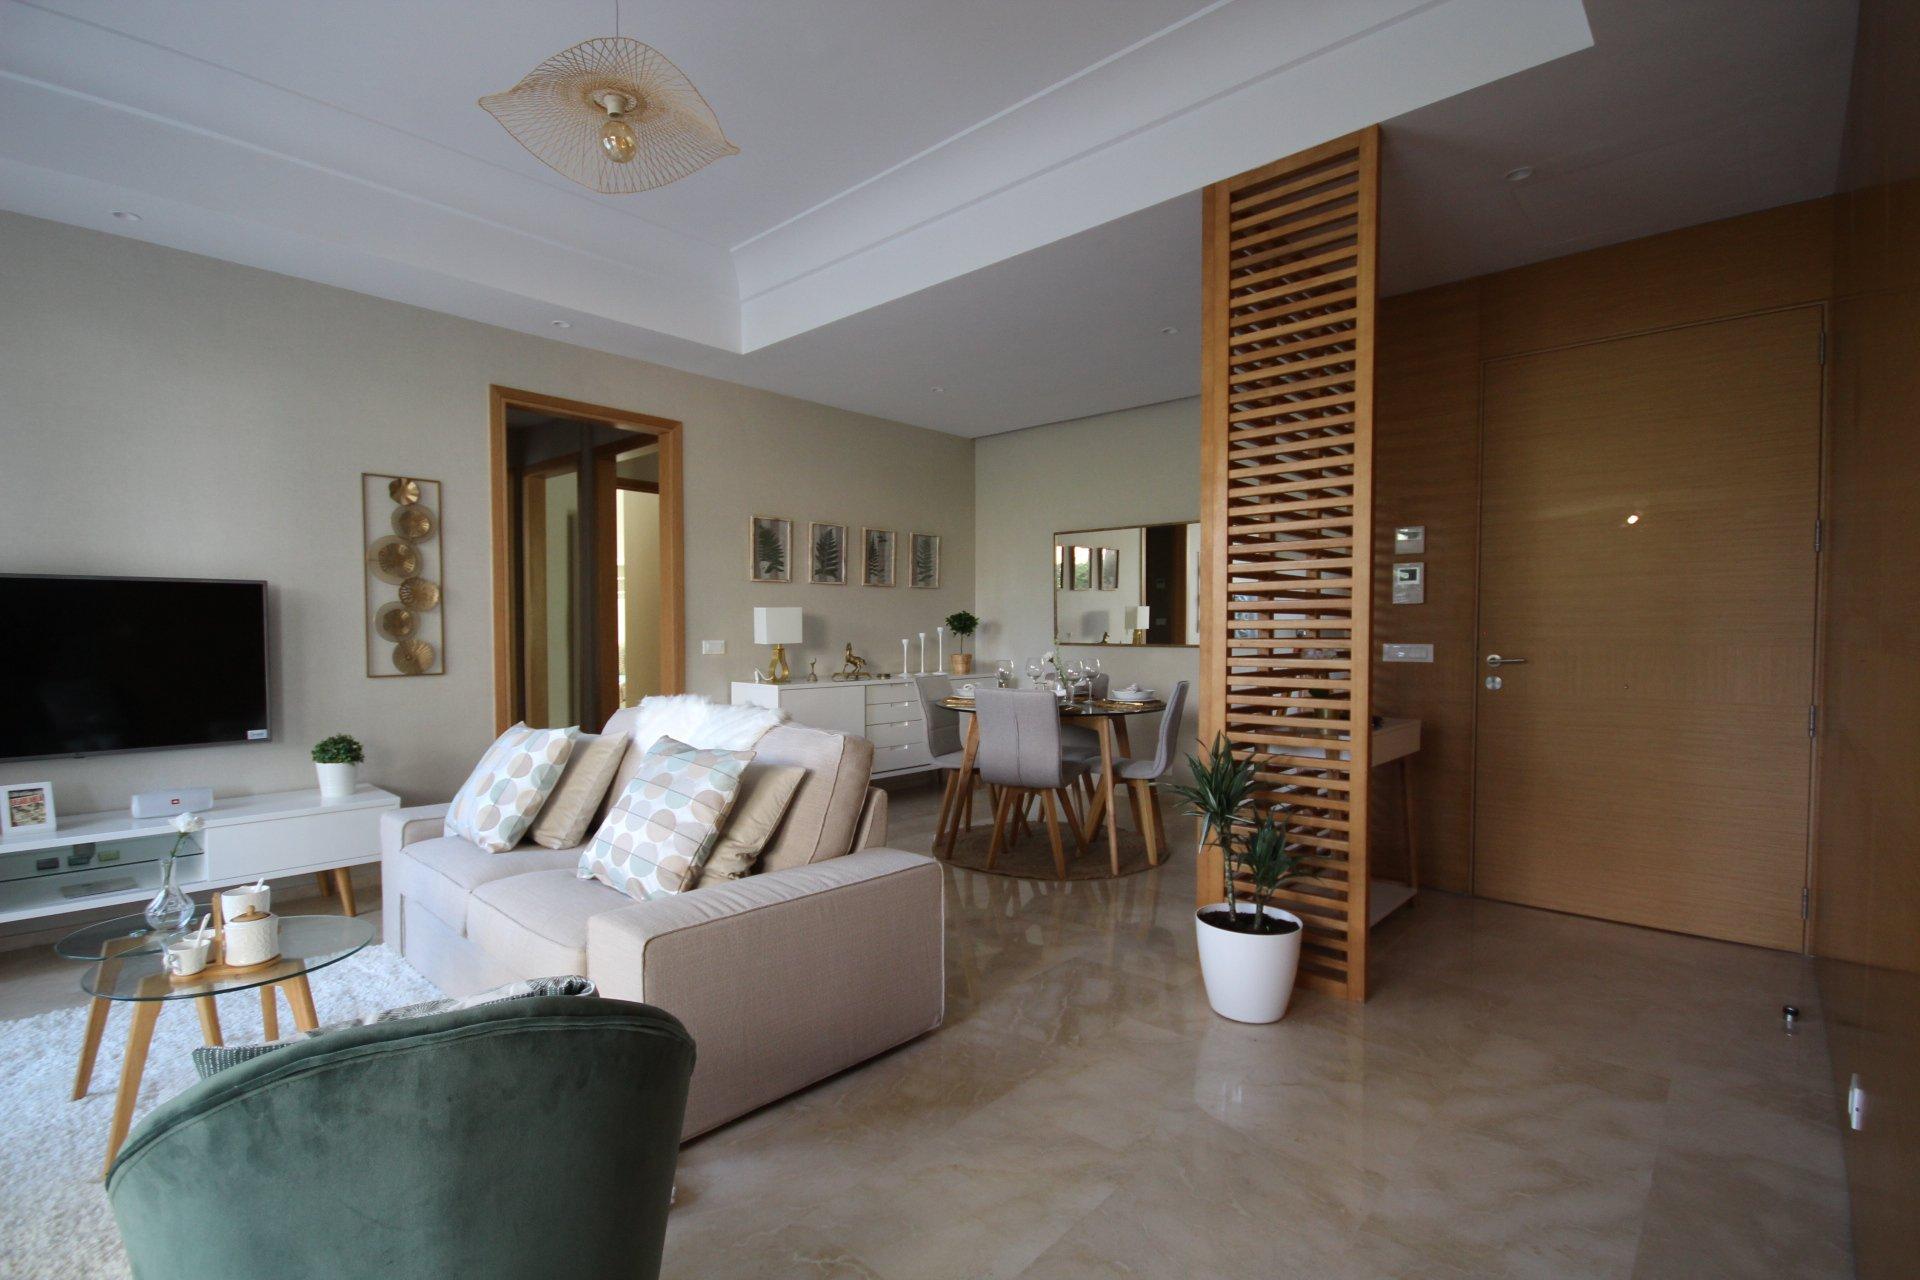 Maroc, Casablanca, secteur Casa finance City, à louer luxueux meublé avec jardin privatif.